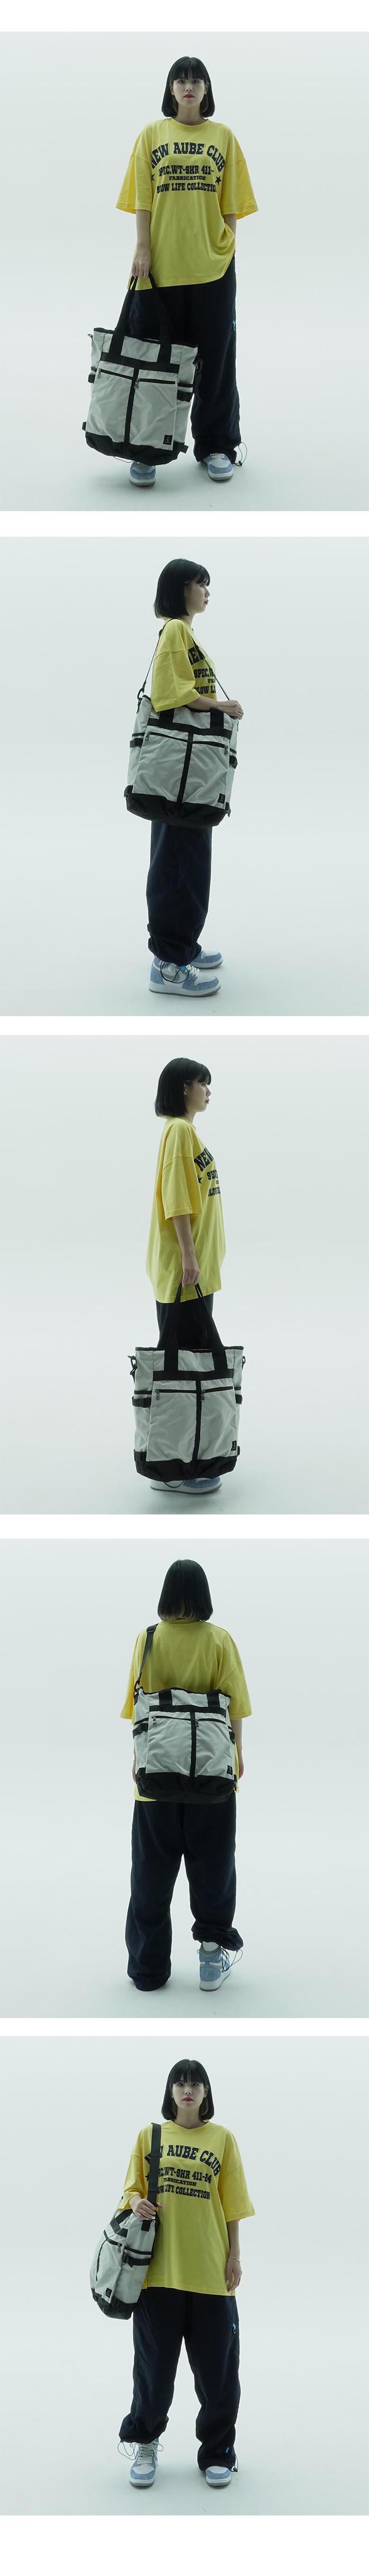 플레이언(PLAYIAN) Two pocket tote&cross bag_투포켓 토트&크로스백(PC03MWHA)